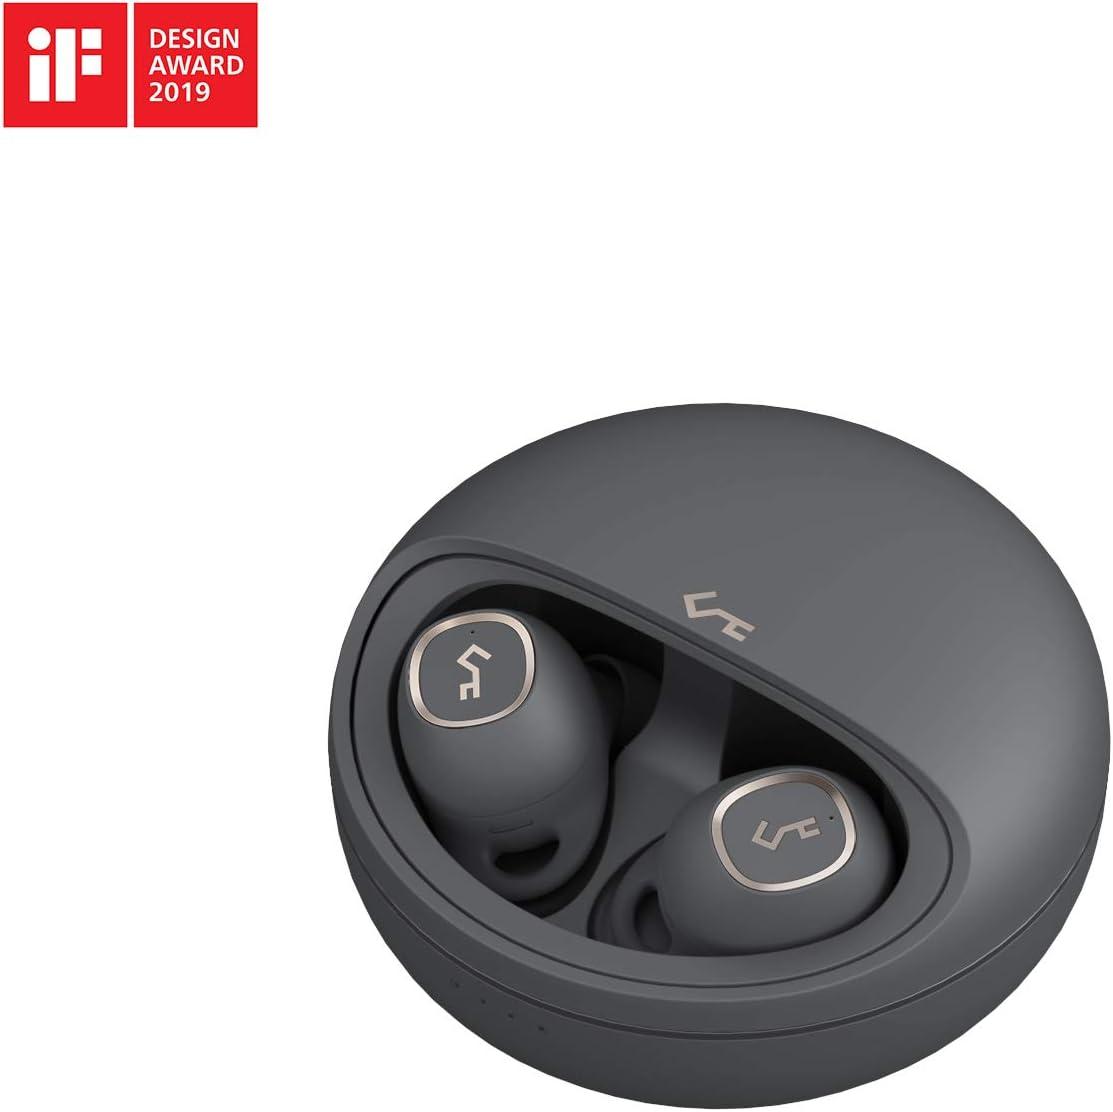 AUKEY Auriculares Bluetooth 5, Auriculares Inalambricos 7 Horas de Reproducción por Carga, Sonido Superior, Control Táctil, Carga Inalámbrica Qi, Impermeabilidad IPX5, Key Series T10